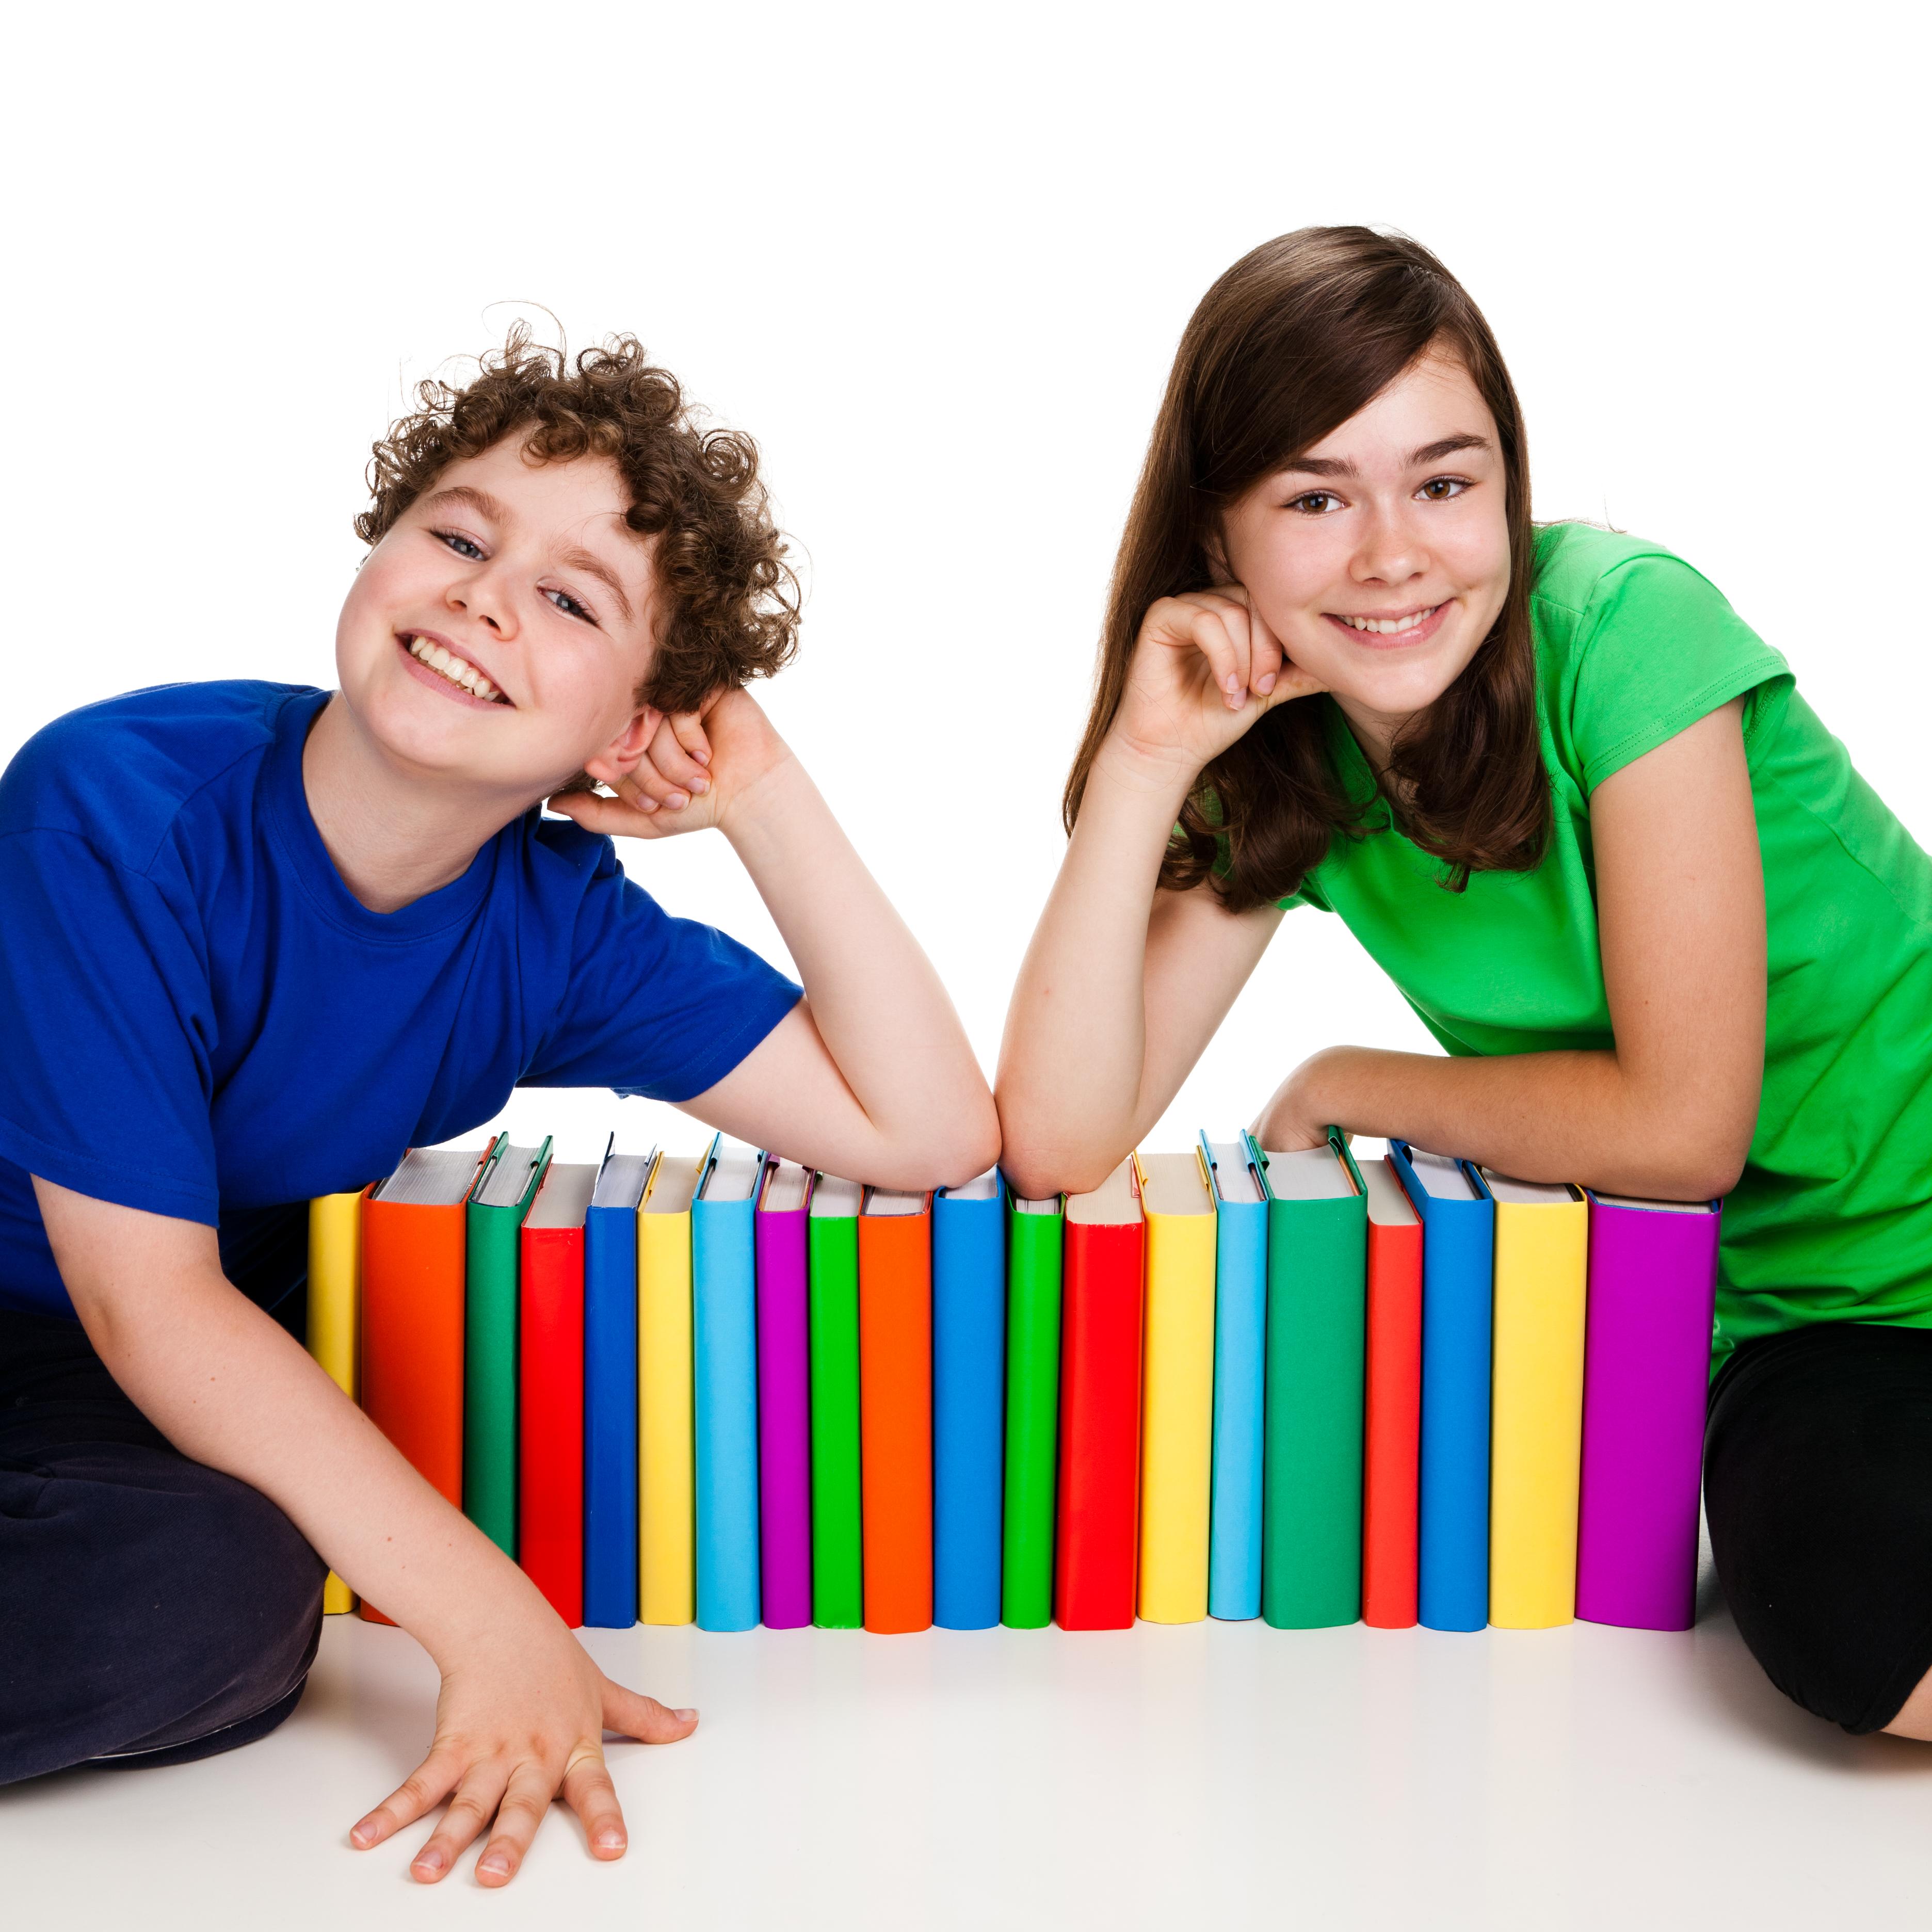 libros de poesía para niños de 7 a 10 años